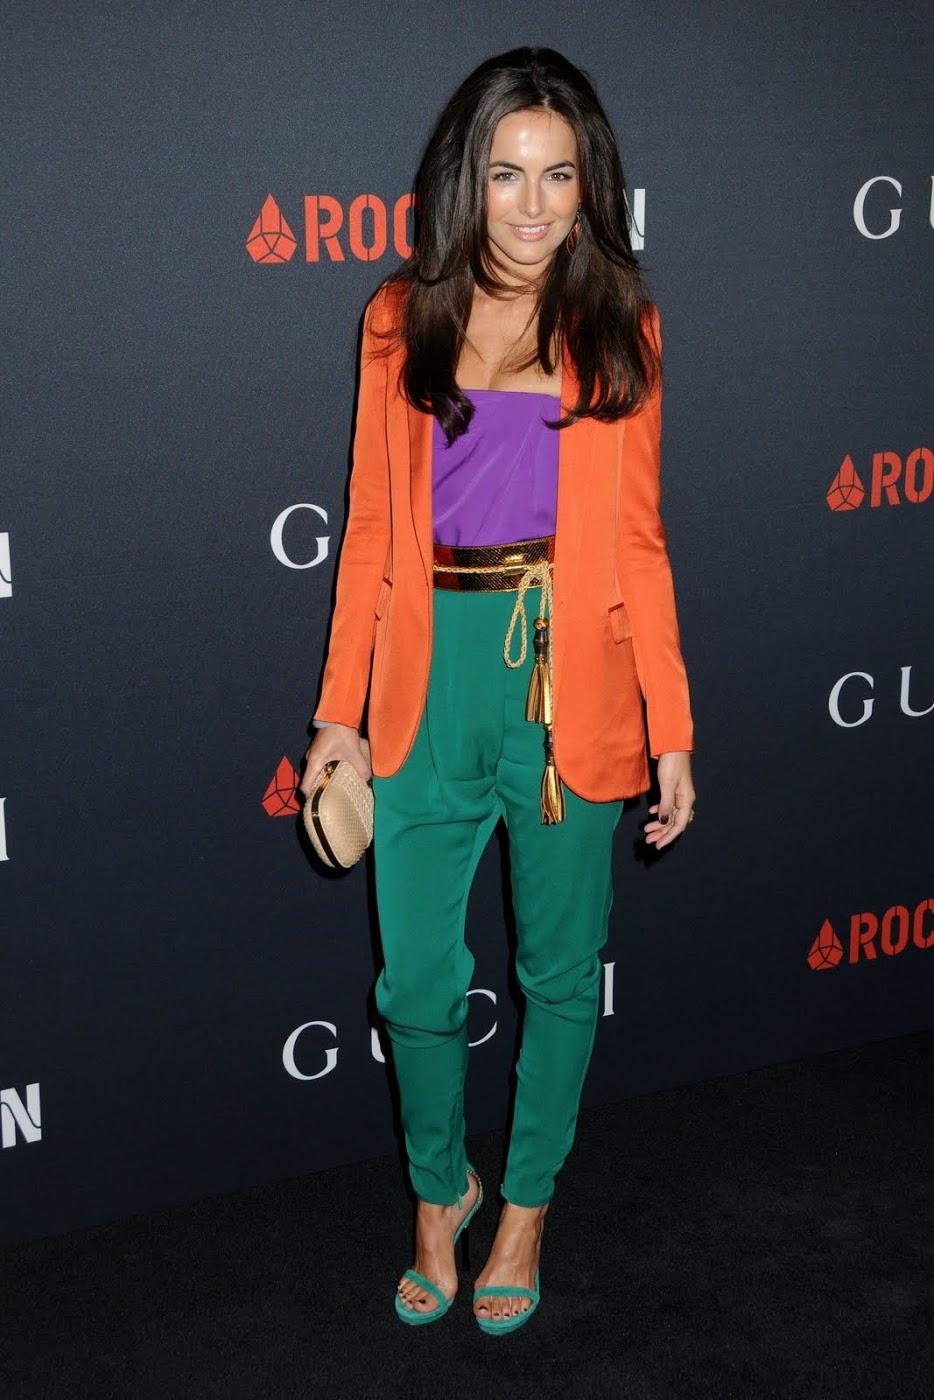 Камилла Белль в фиолетовом топе с оранжевым жакетом и зелеными брюками